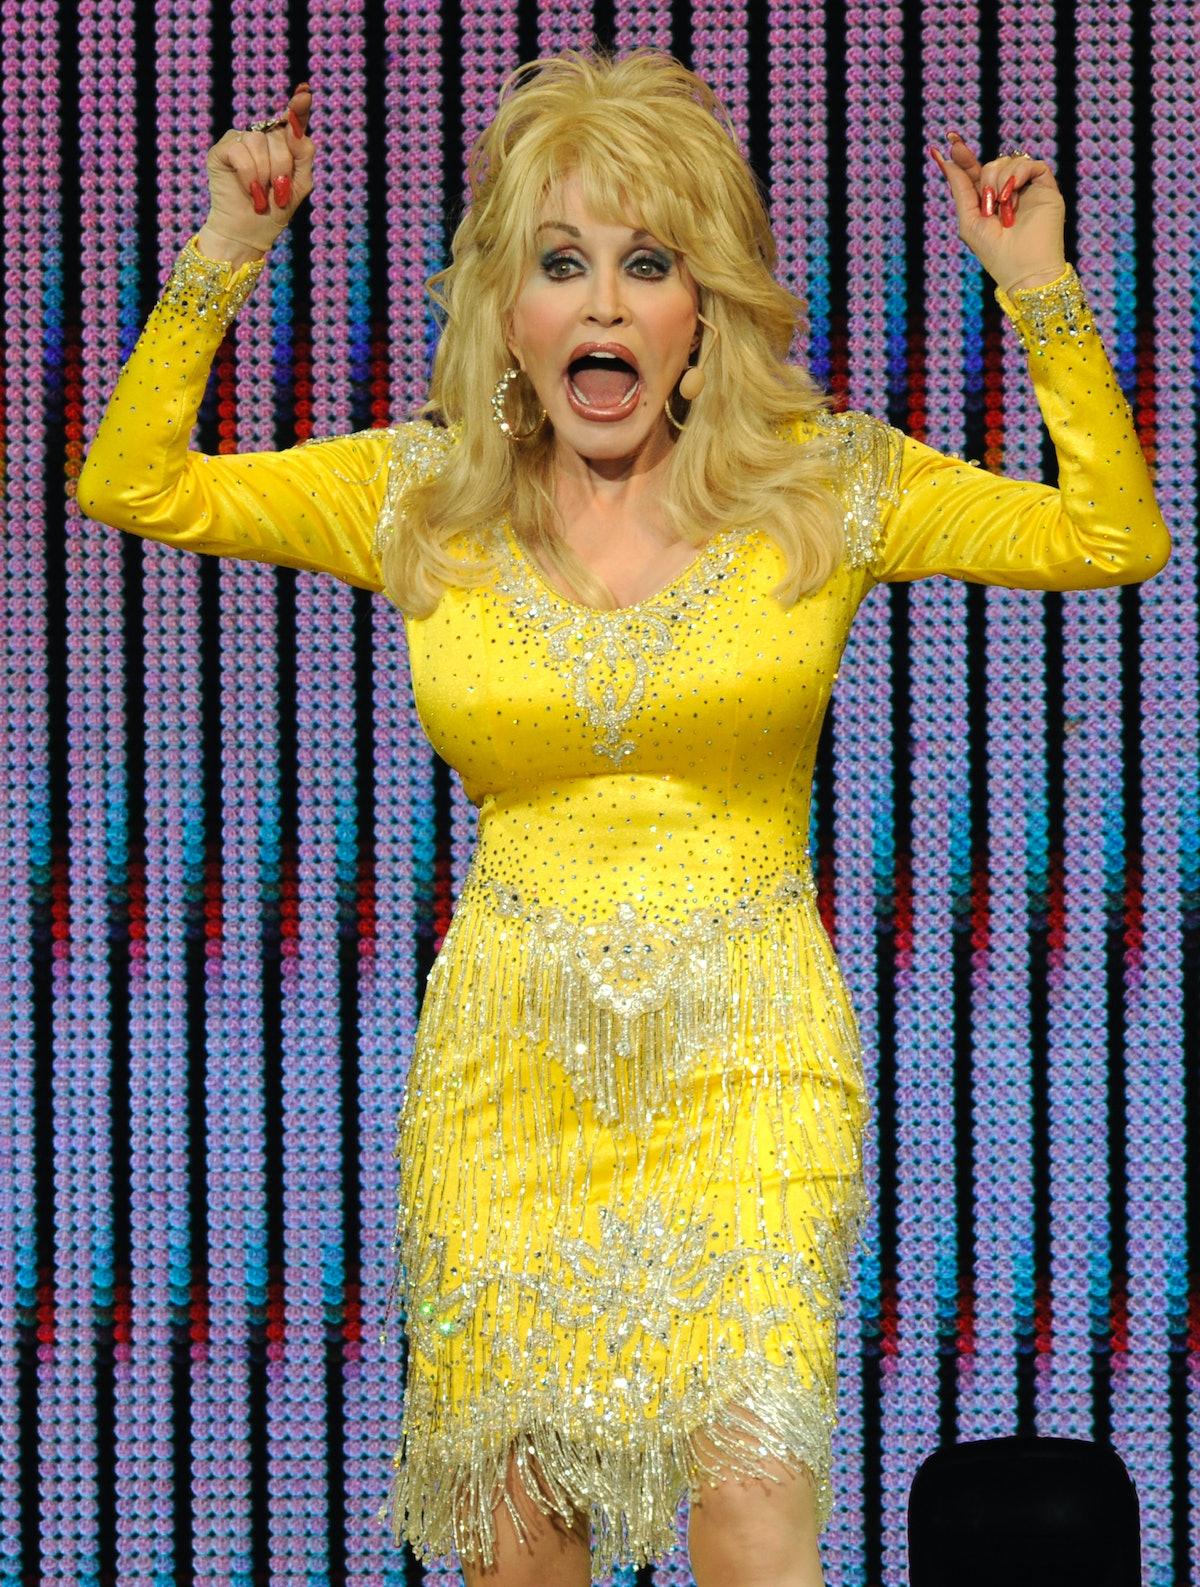 Dolly Parton In Concert - Concord, CA